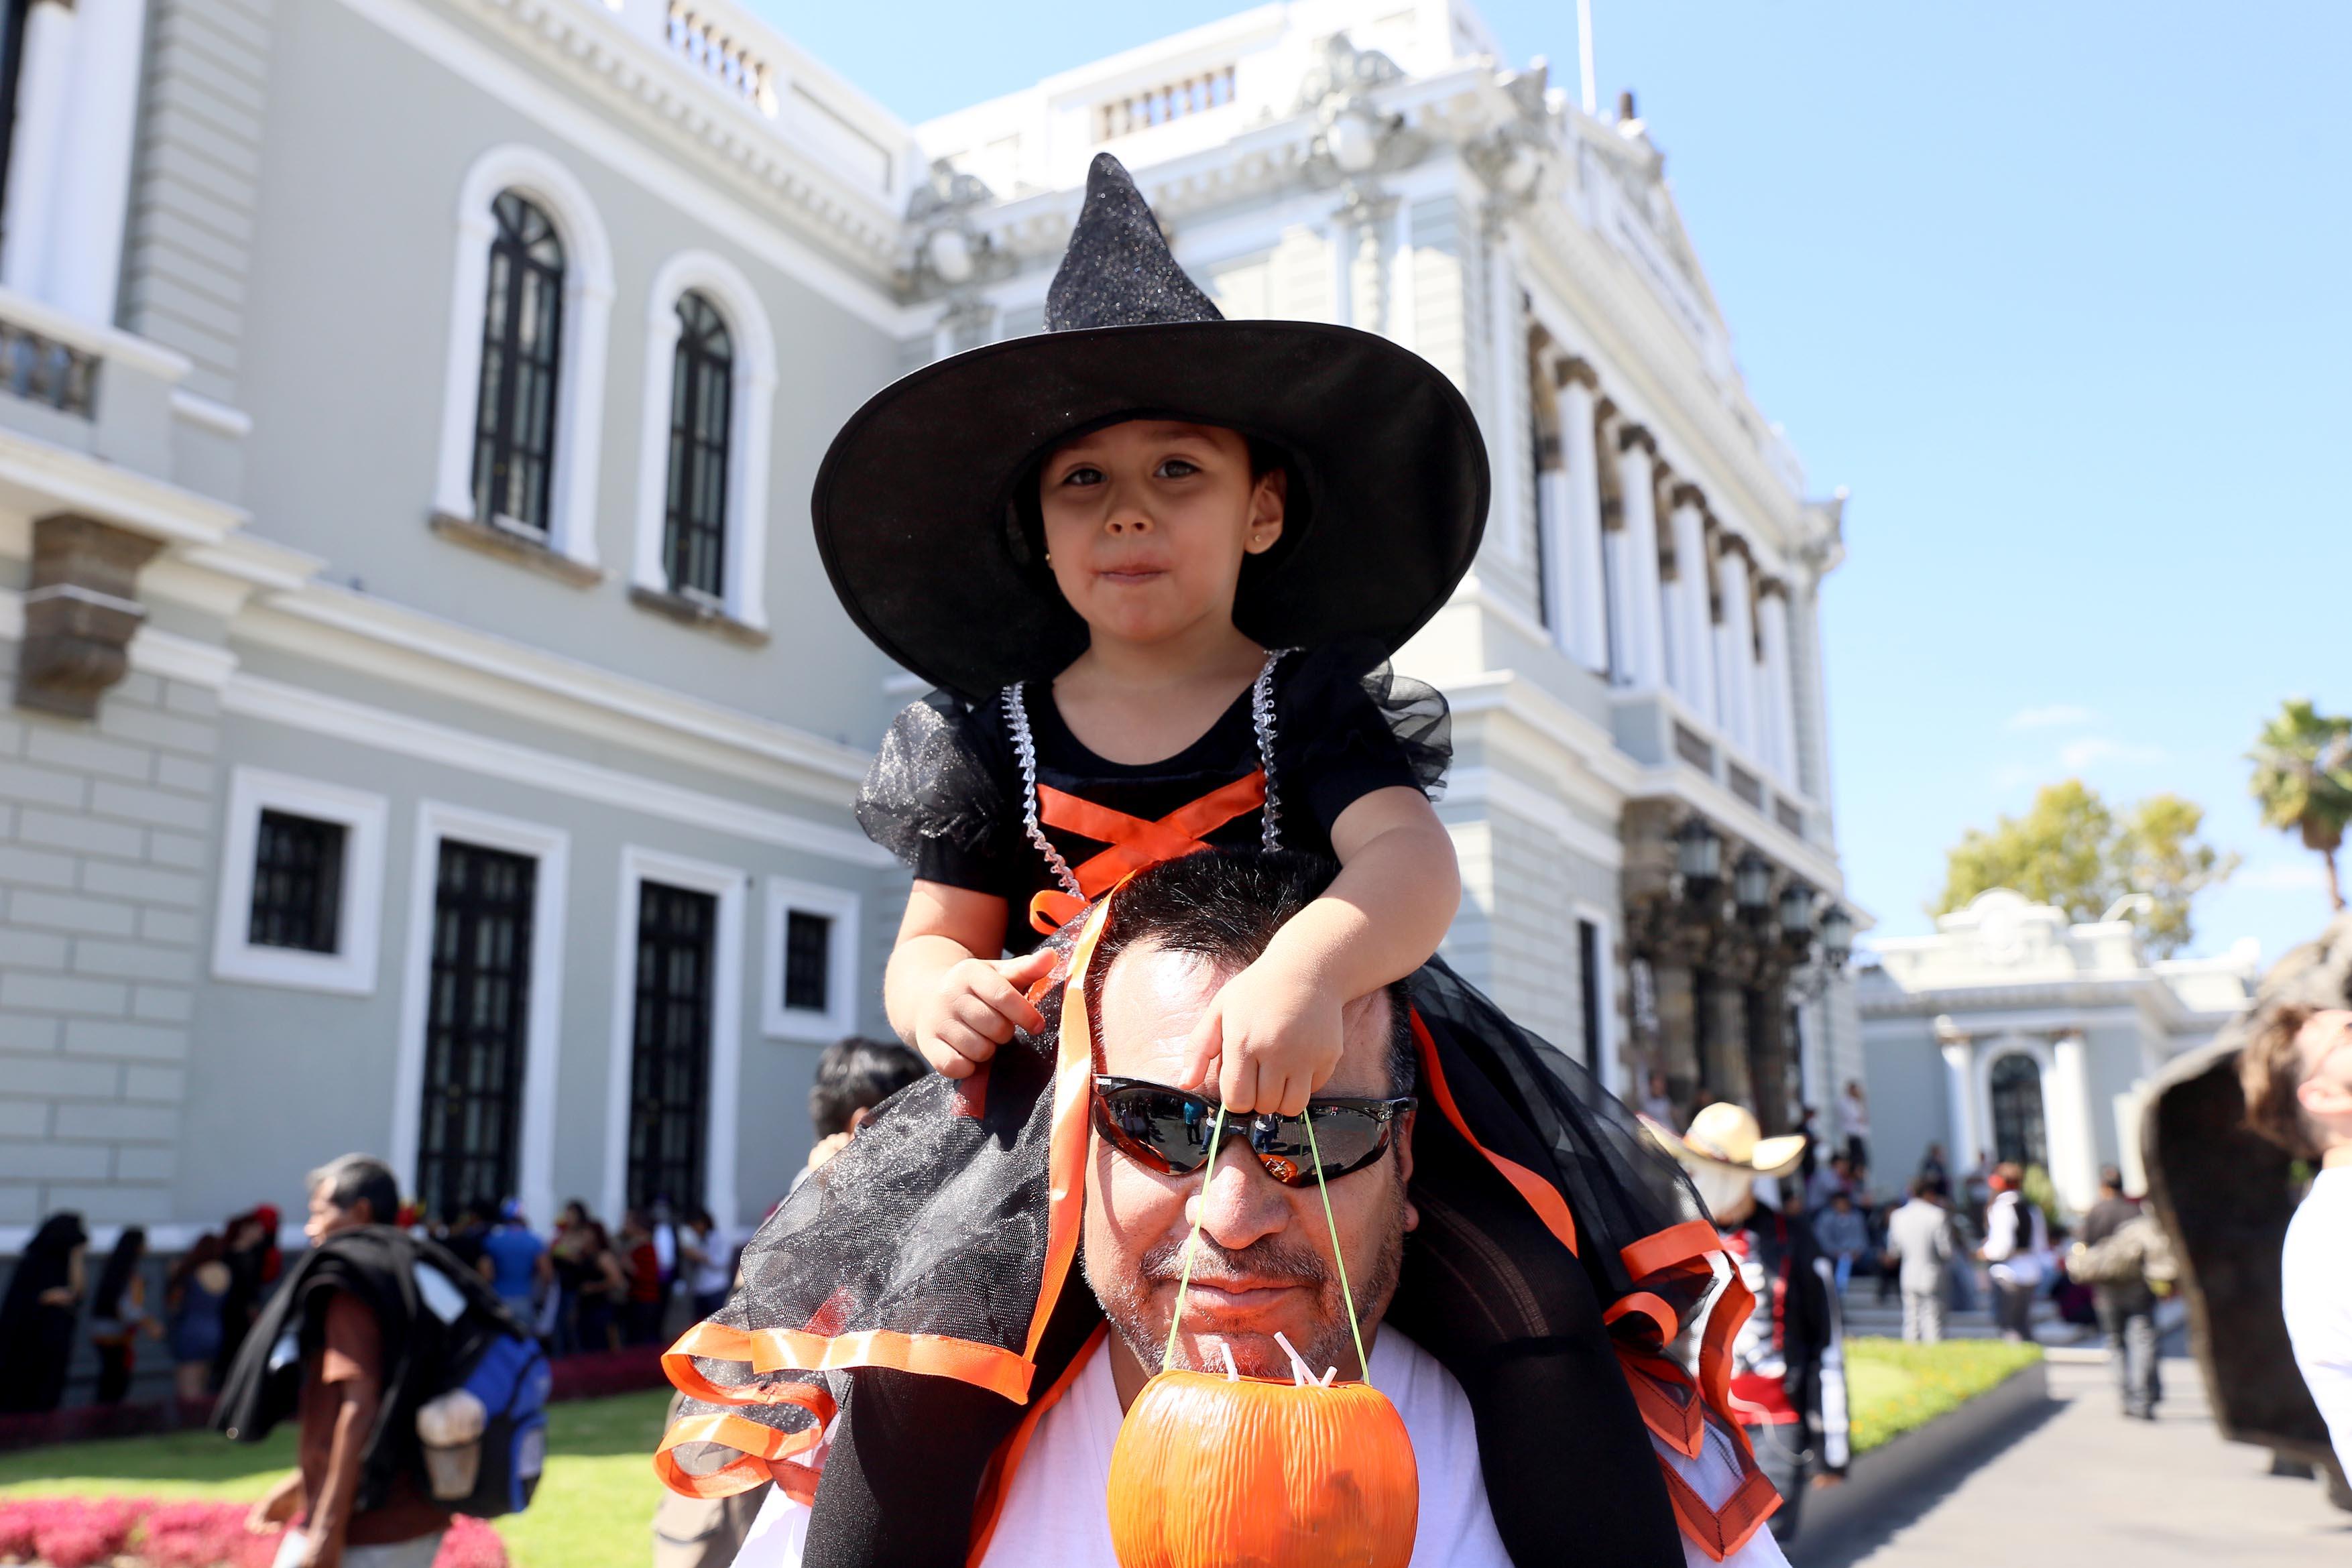 Padre cargando a su hija, disfrazada de bruja y cargando una calabaza